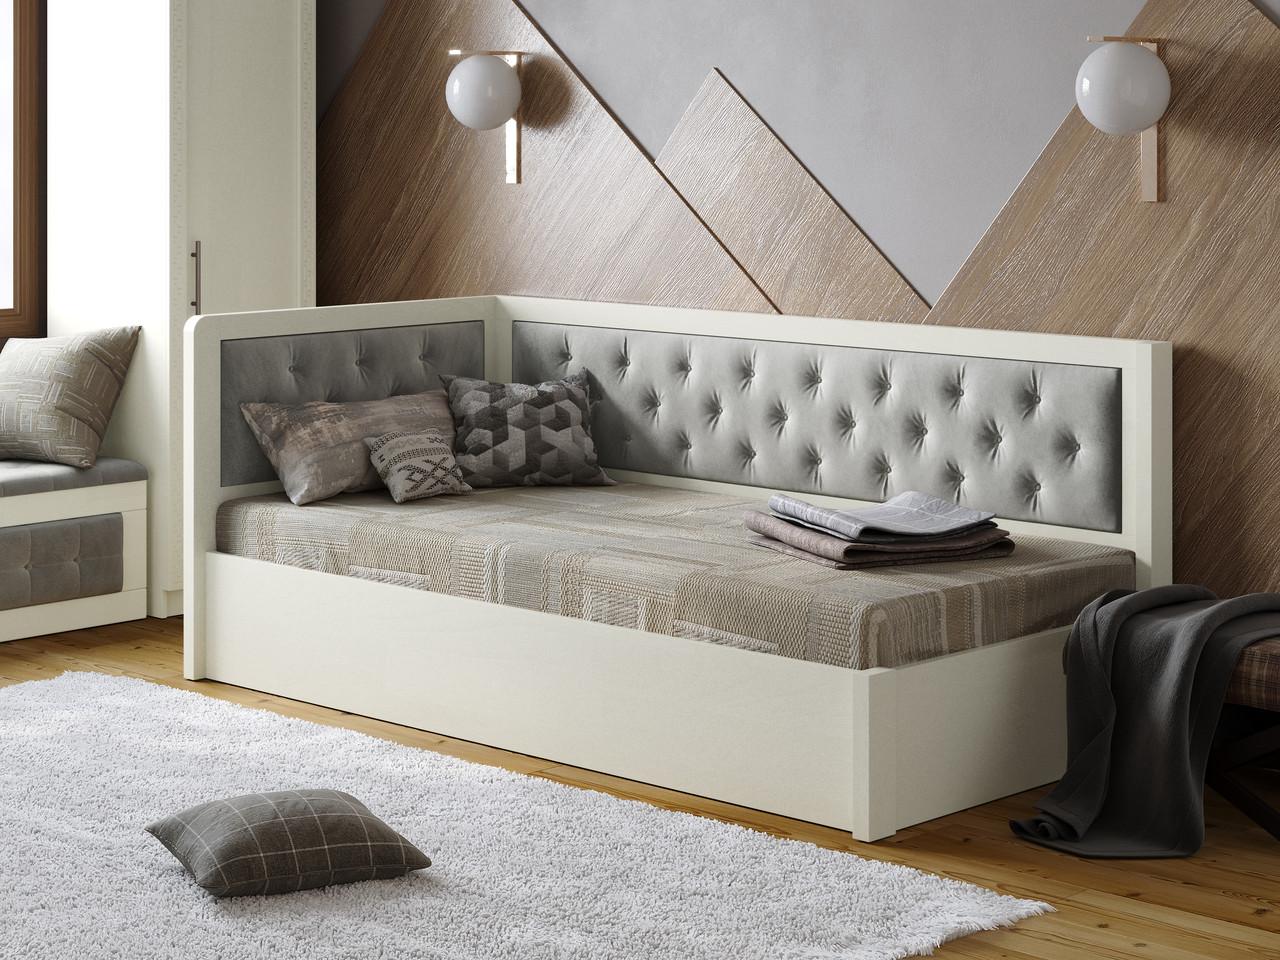 Дитяче ліжко Немо Люкс М2 з підйомним механізмом ТМ Arbor Drev